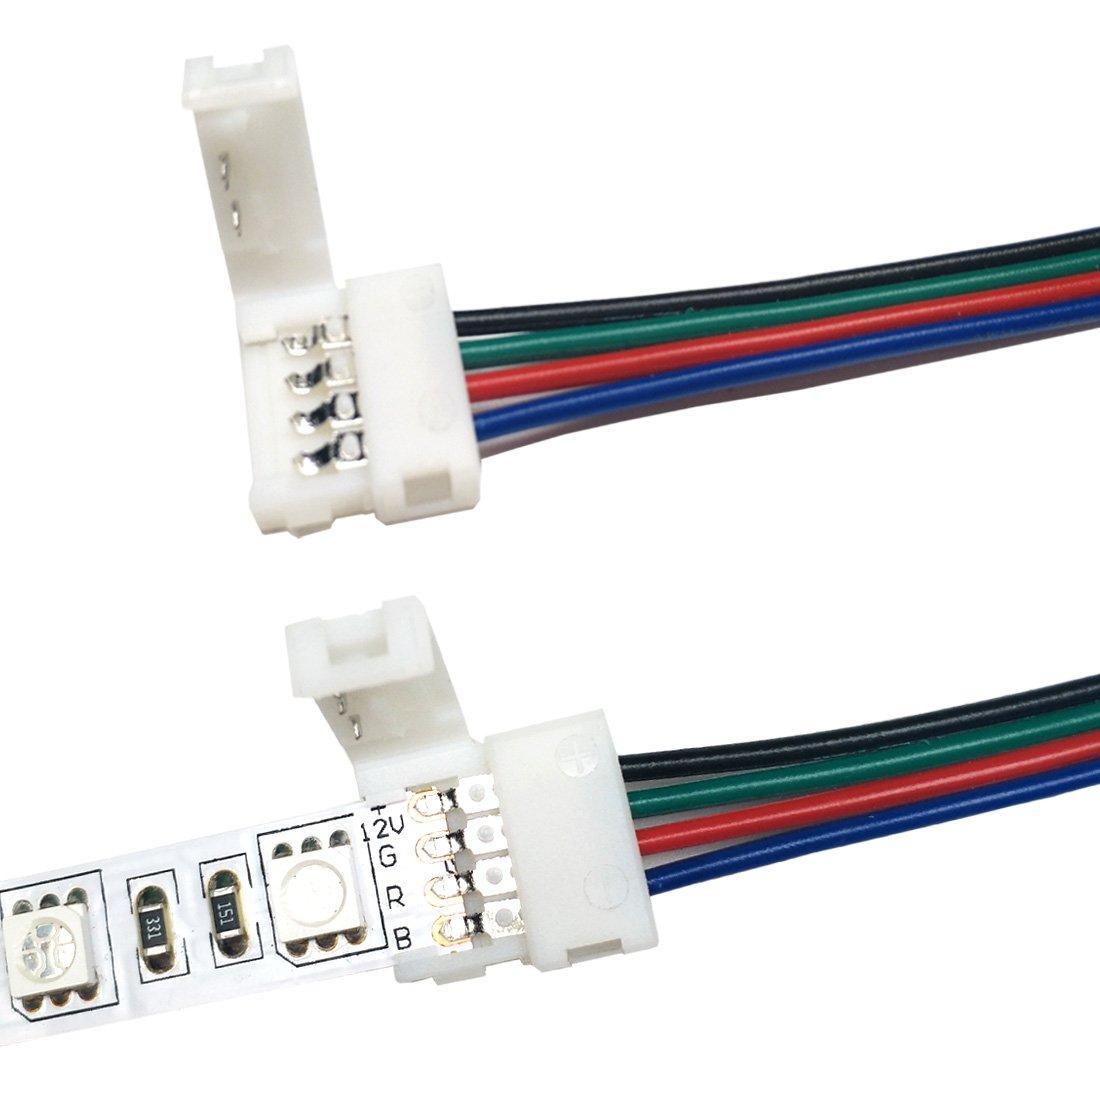 Liwinting 2x 3m RGB Verbindung Verl/ängerungskabel 4 Polig Anschlusskabel RGB Verbinden Kable f/ür LED SMD 5050 3528 2835 RGB LED Streifen Kostenlos mit 4 St/ück 4 Polig Verbinder Wei/ß